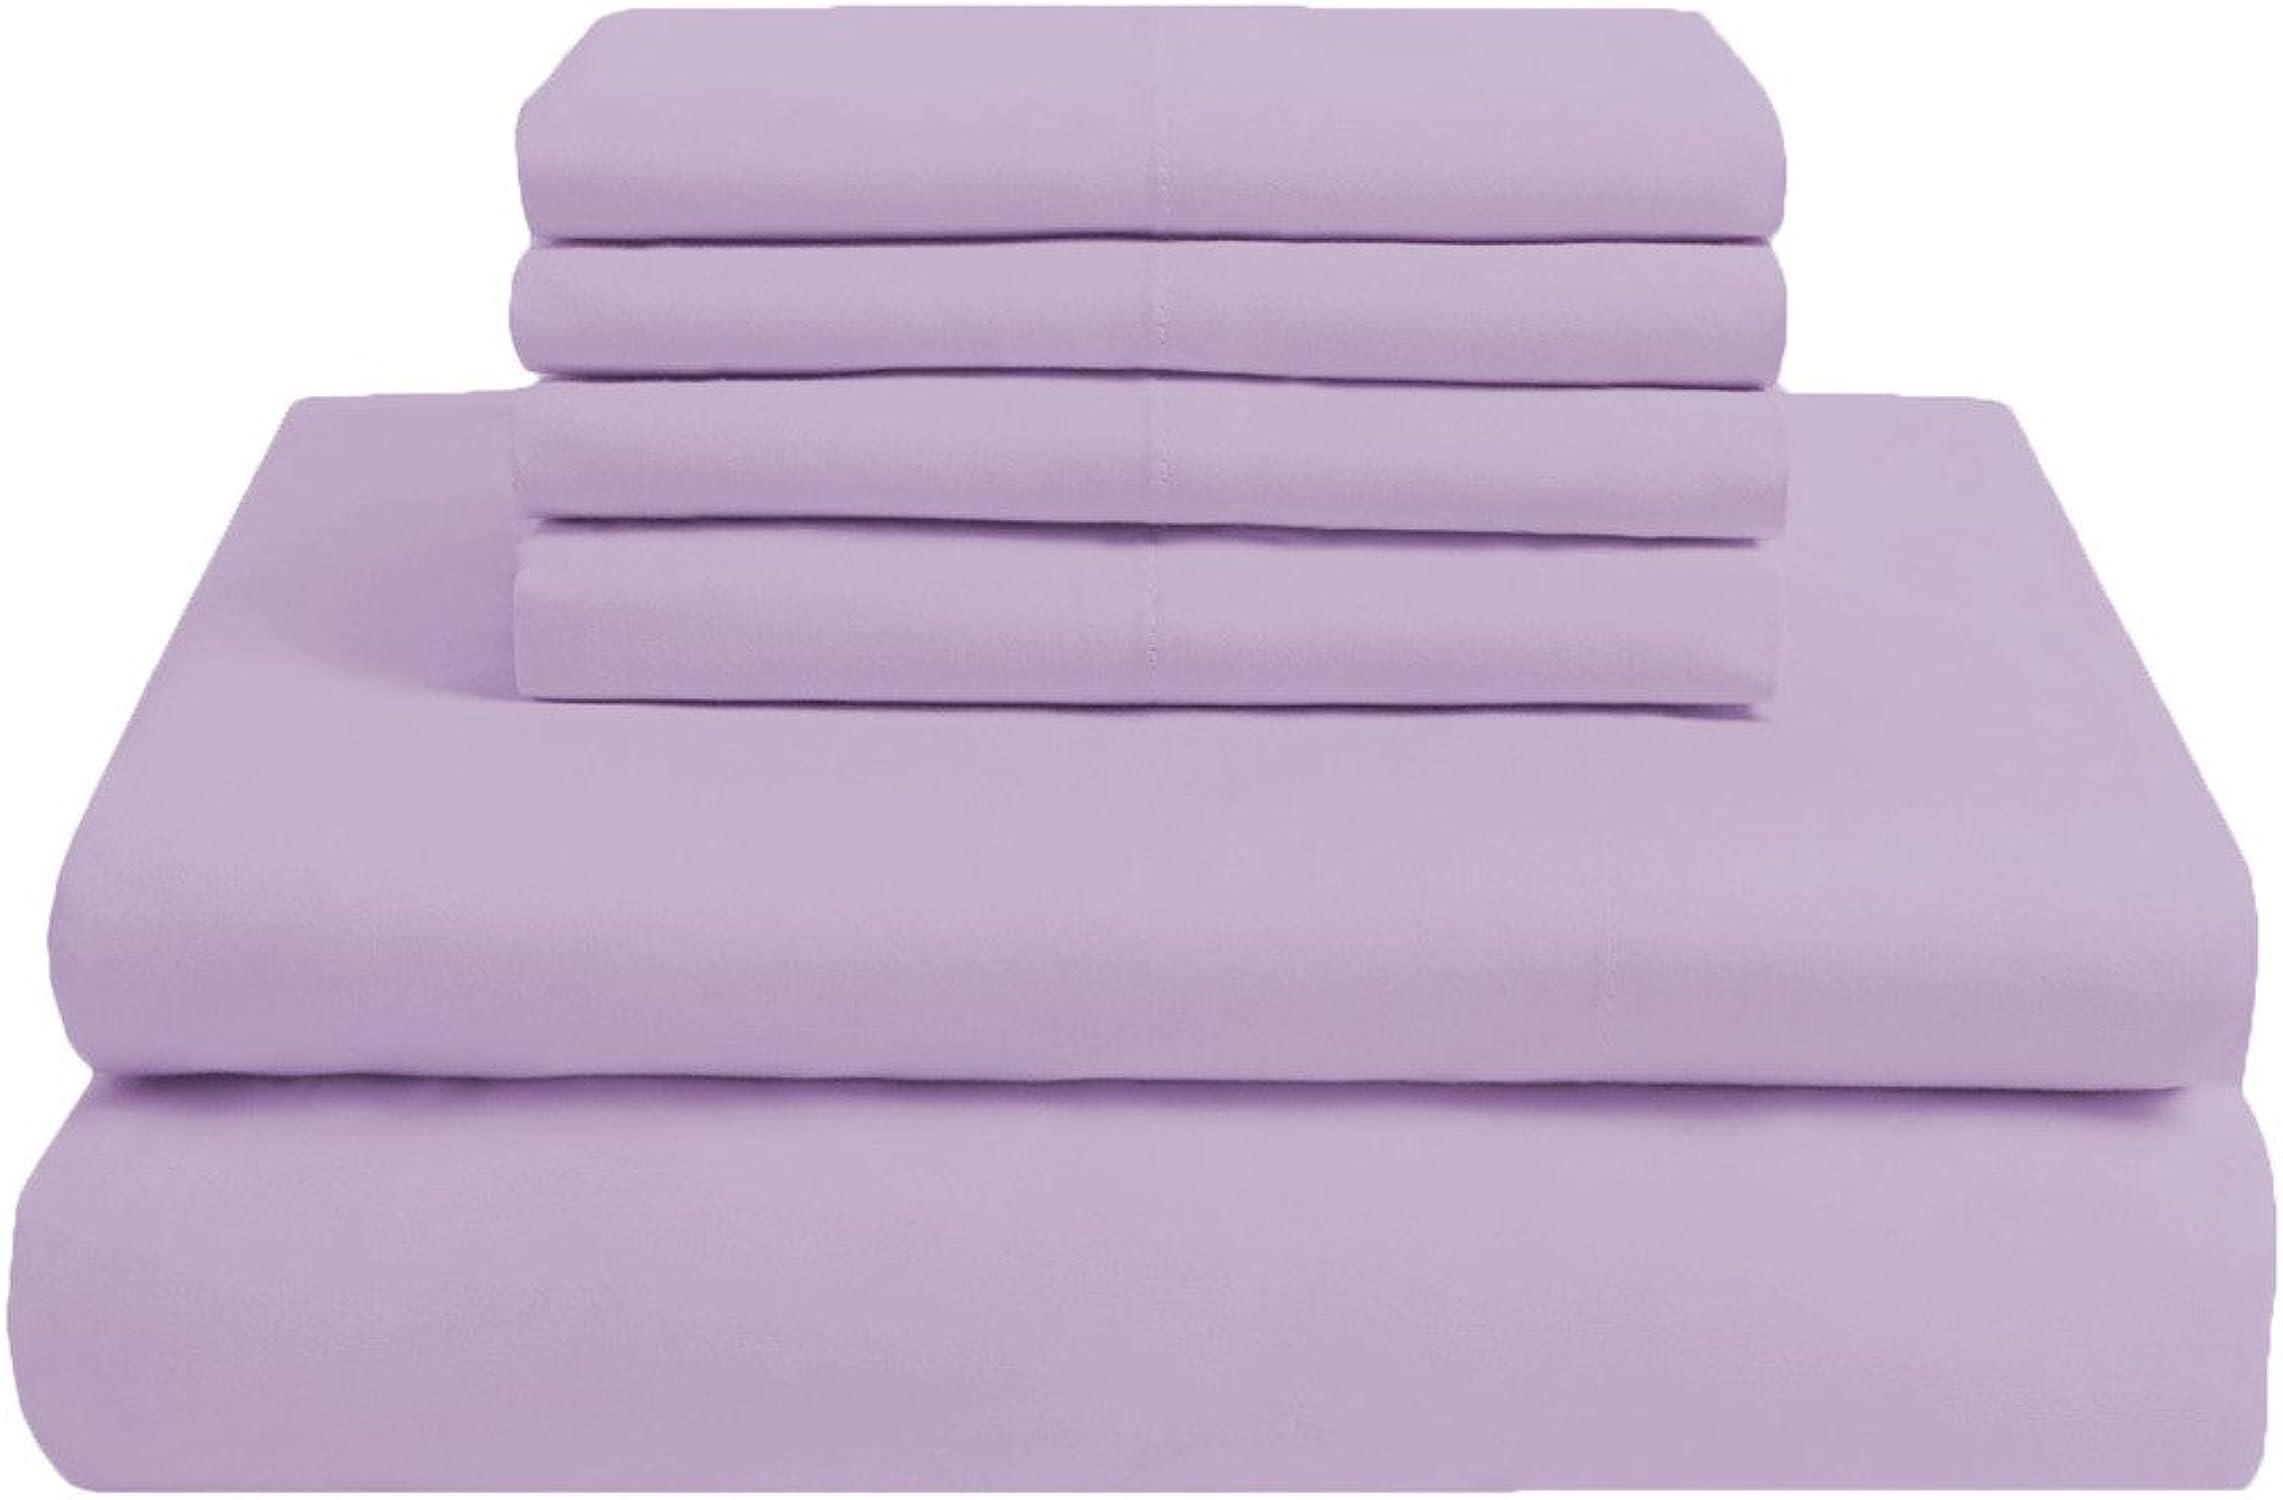 connotación de lujo discreta SCALABEDDING 23pulgada de profundidad bolsillo 100% algodón egipcio 6piezas 300hilos 300hilos 300hilos Tamaño doble hoja sólida de lavanda  calidad de primera clase